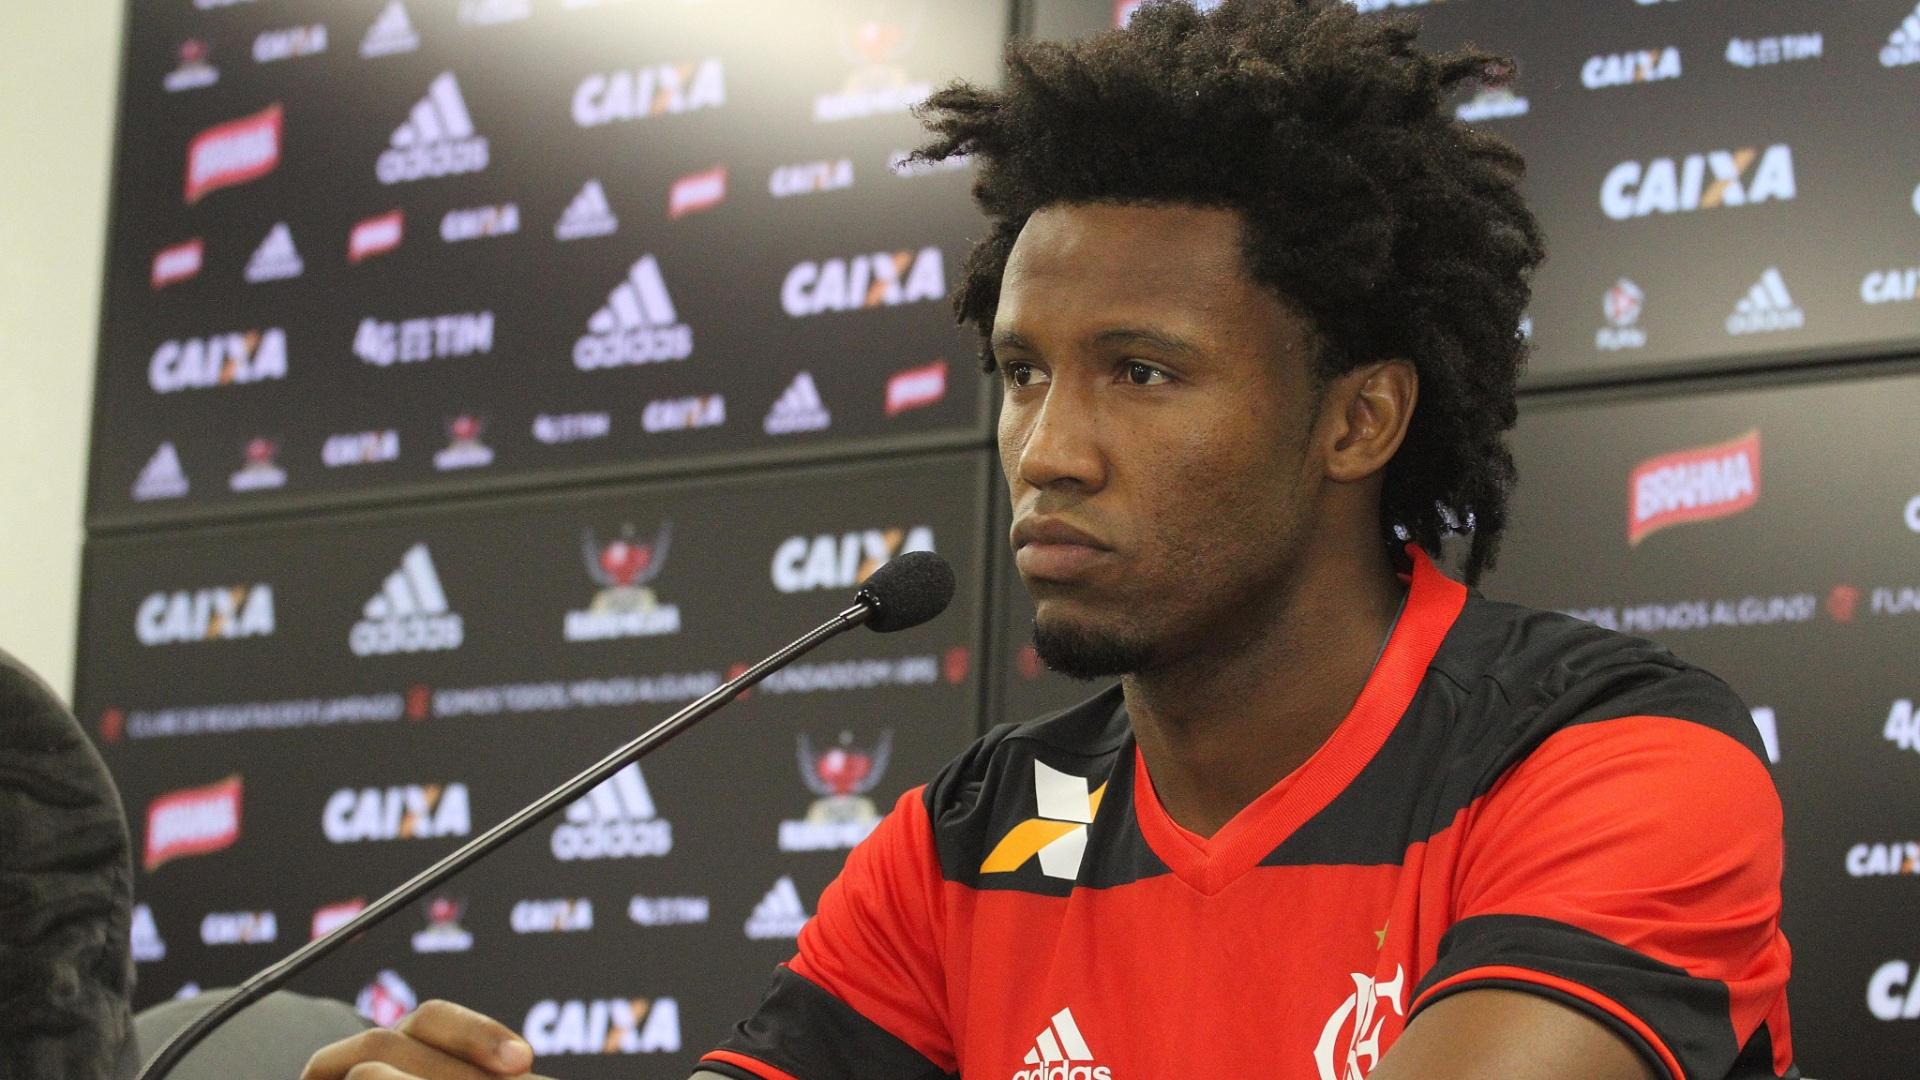 O zagueiro Rafael Vaz foi apresentado como reforço do Flamengo no CT Ninho do Urubu